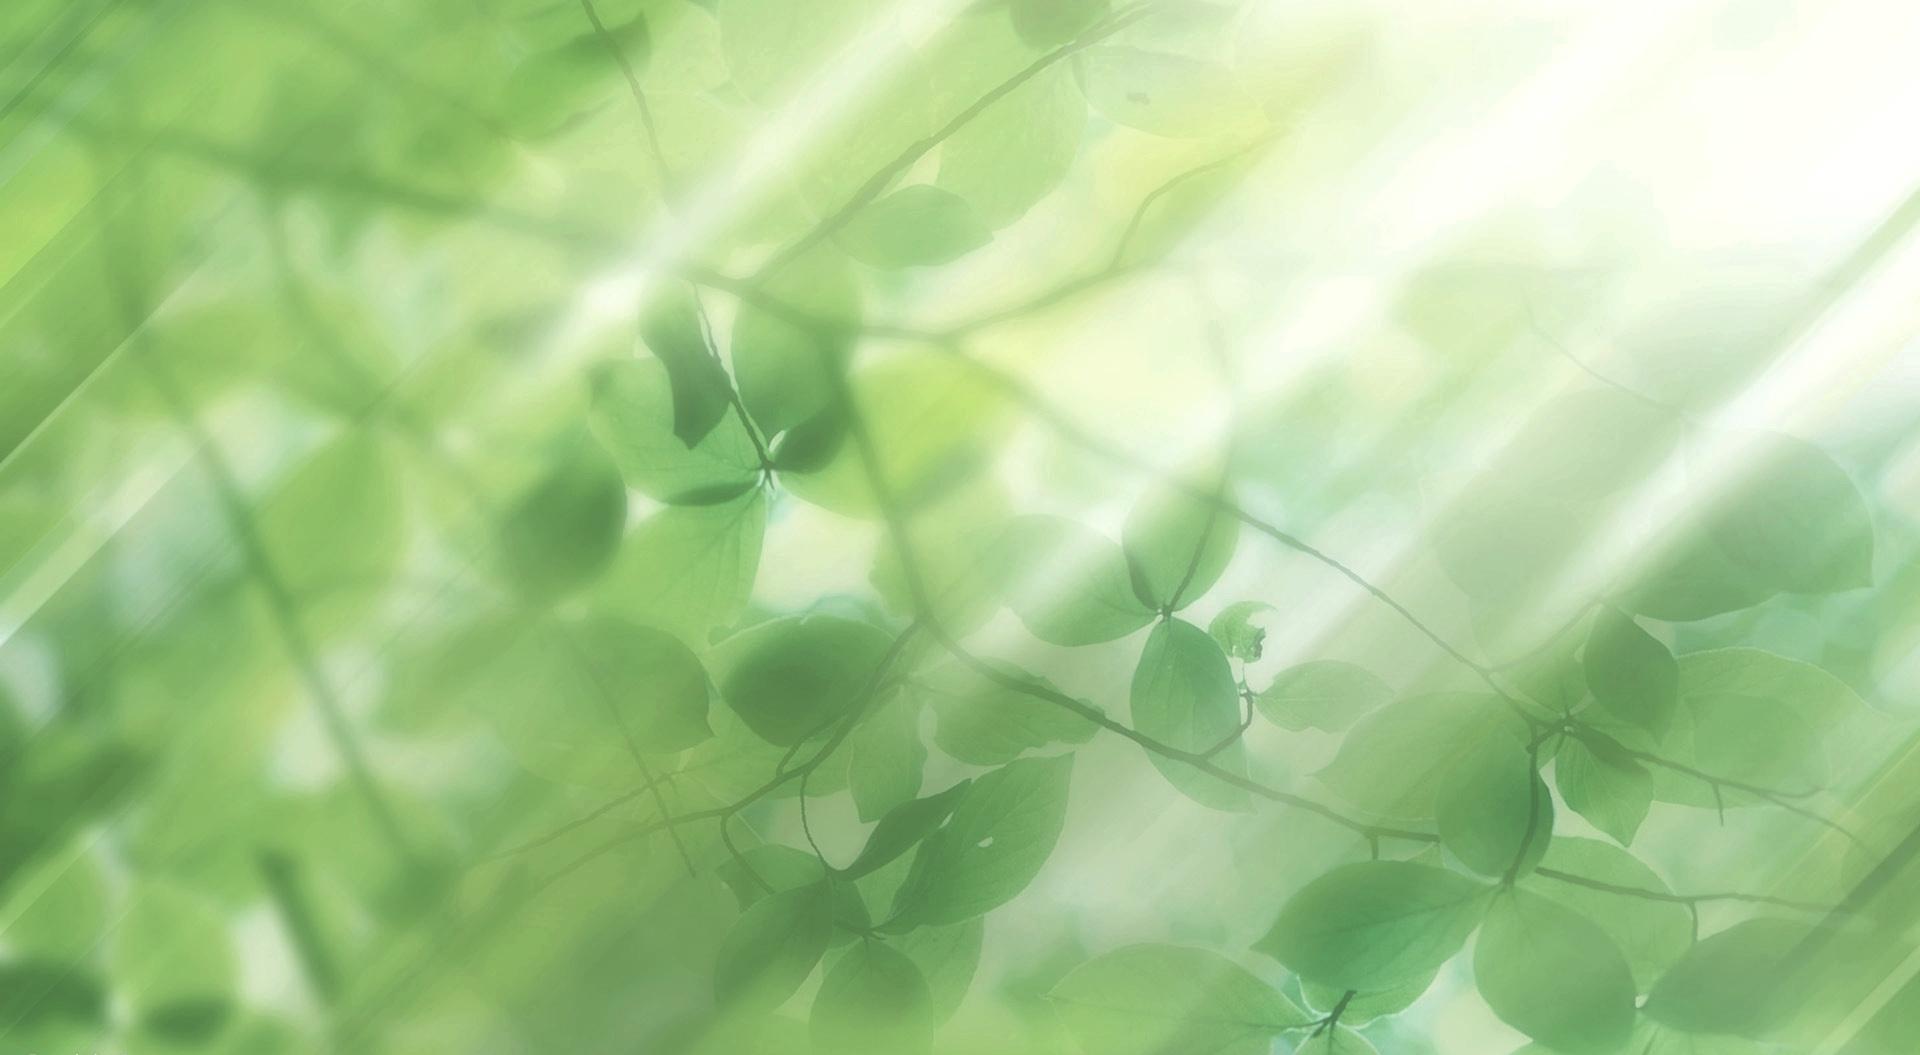 Скачать картинку Растения, Фон, Листья в телефон бесплатно.